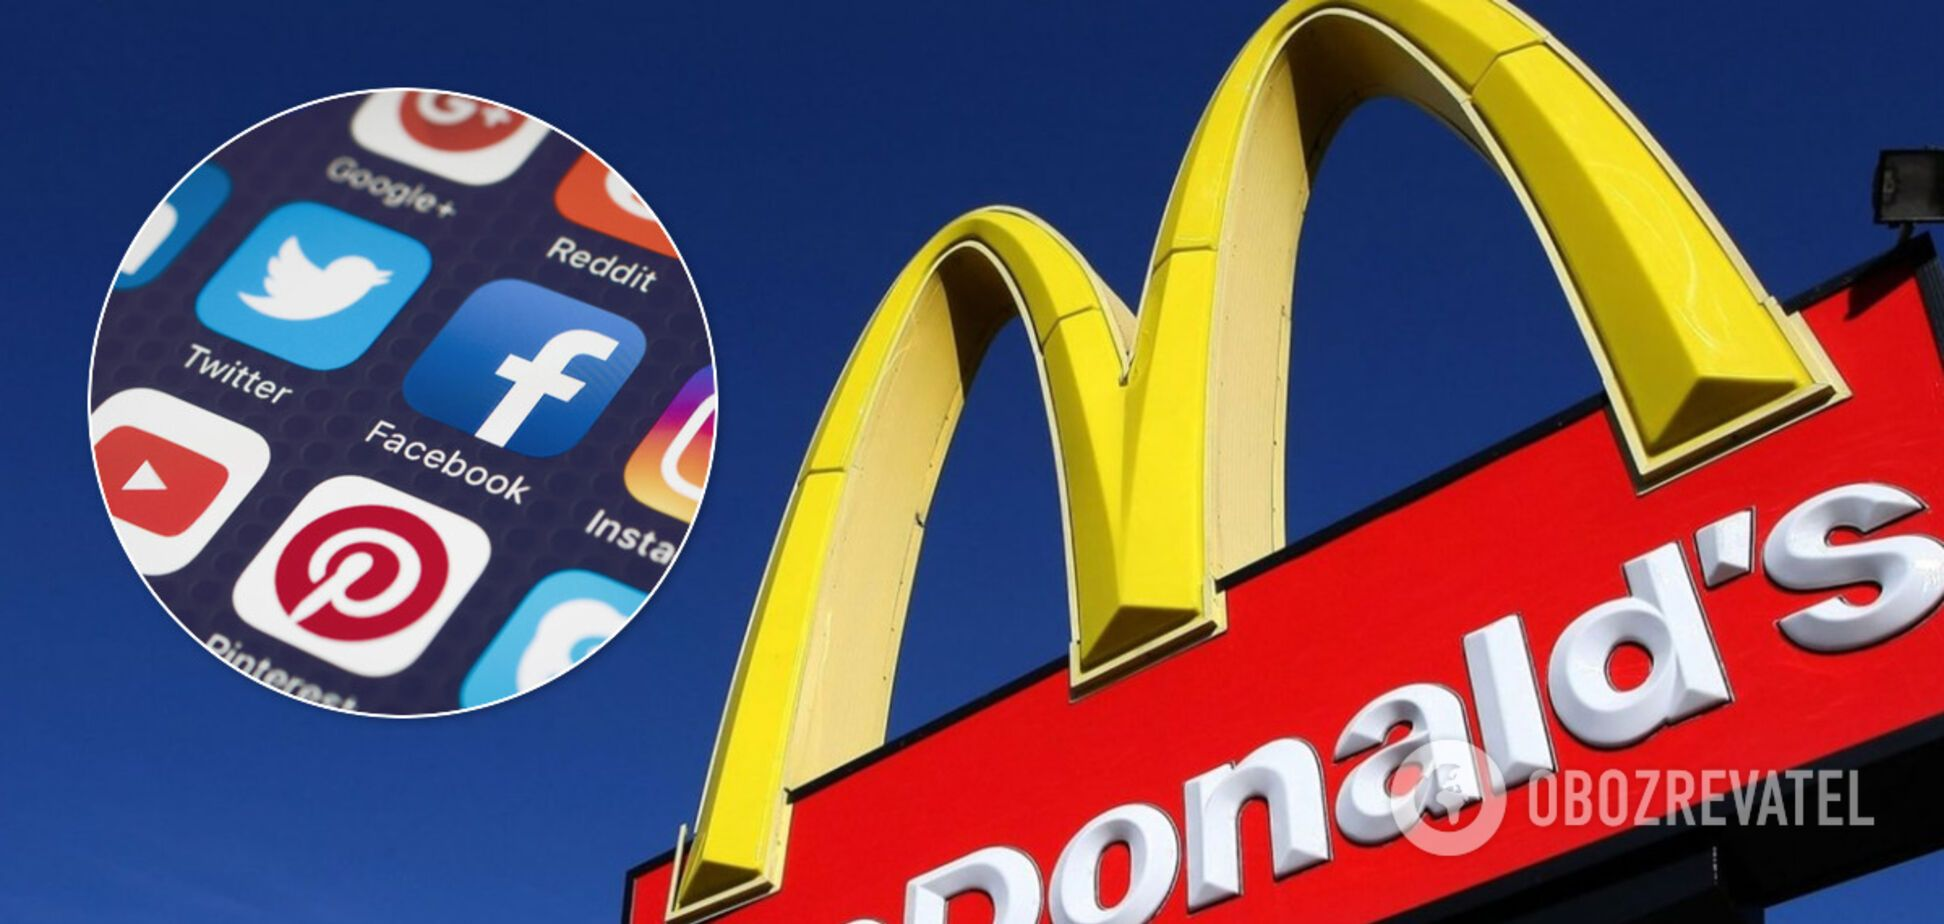 Украинцы сплотились из-за языкового скандала с McDonald's: как отреагировали соцсети